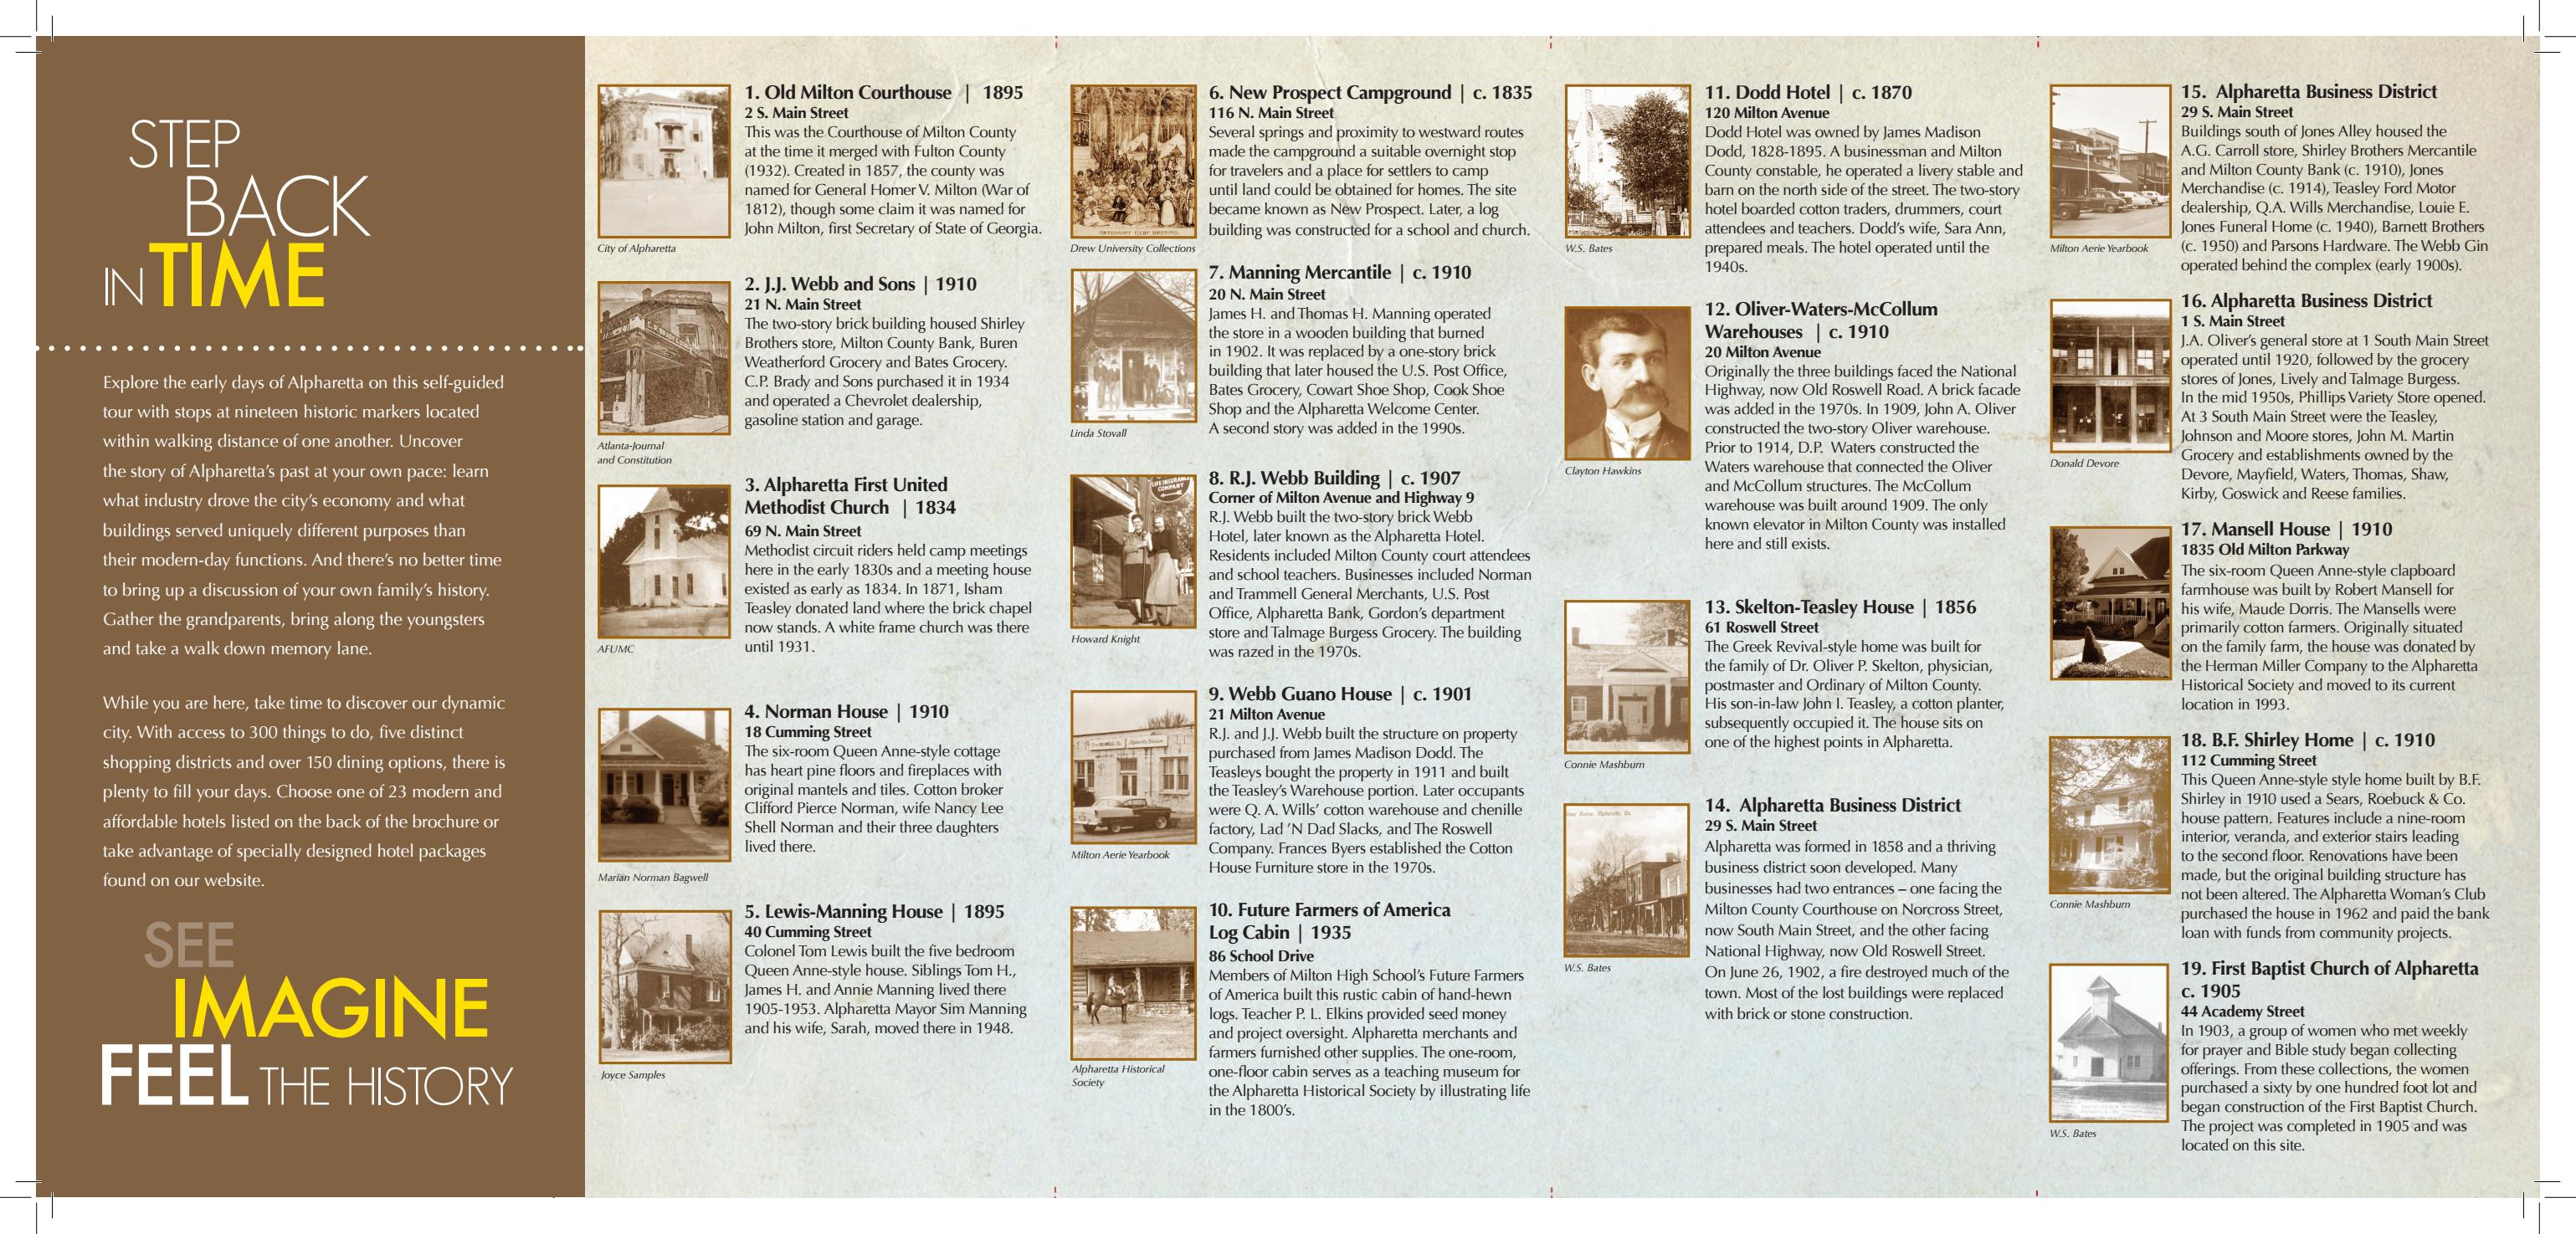 Alpharetta History Walk | Official Georgia Tourism & Travel